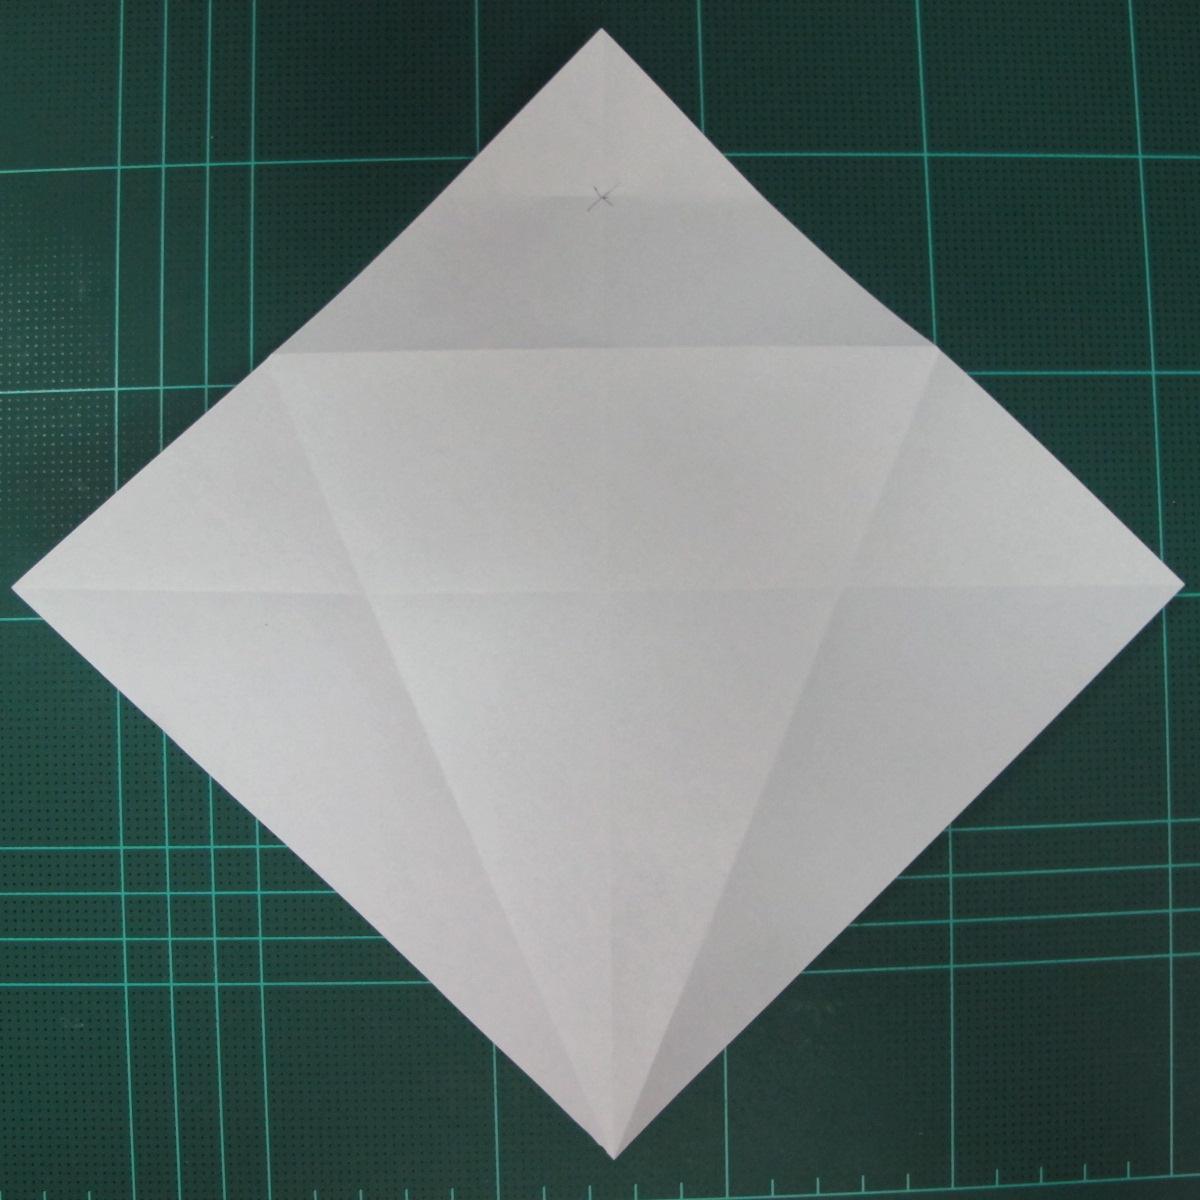 วิธีพับกระดาษเป็นรูปปลาแซลม่อน (Origami Salmon) 008